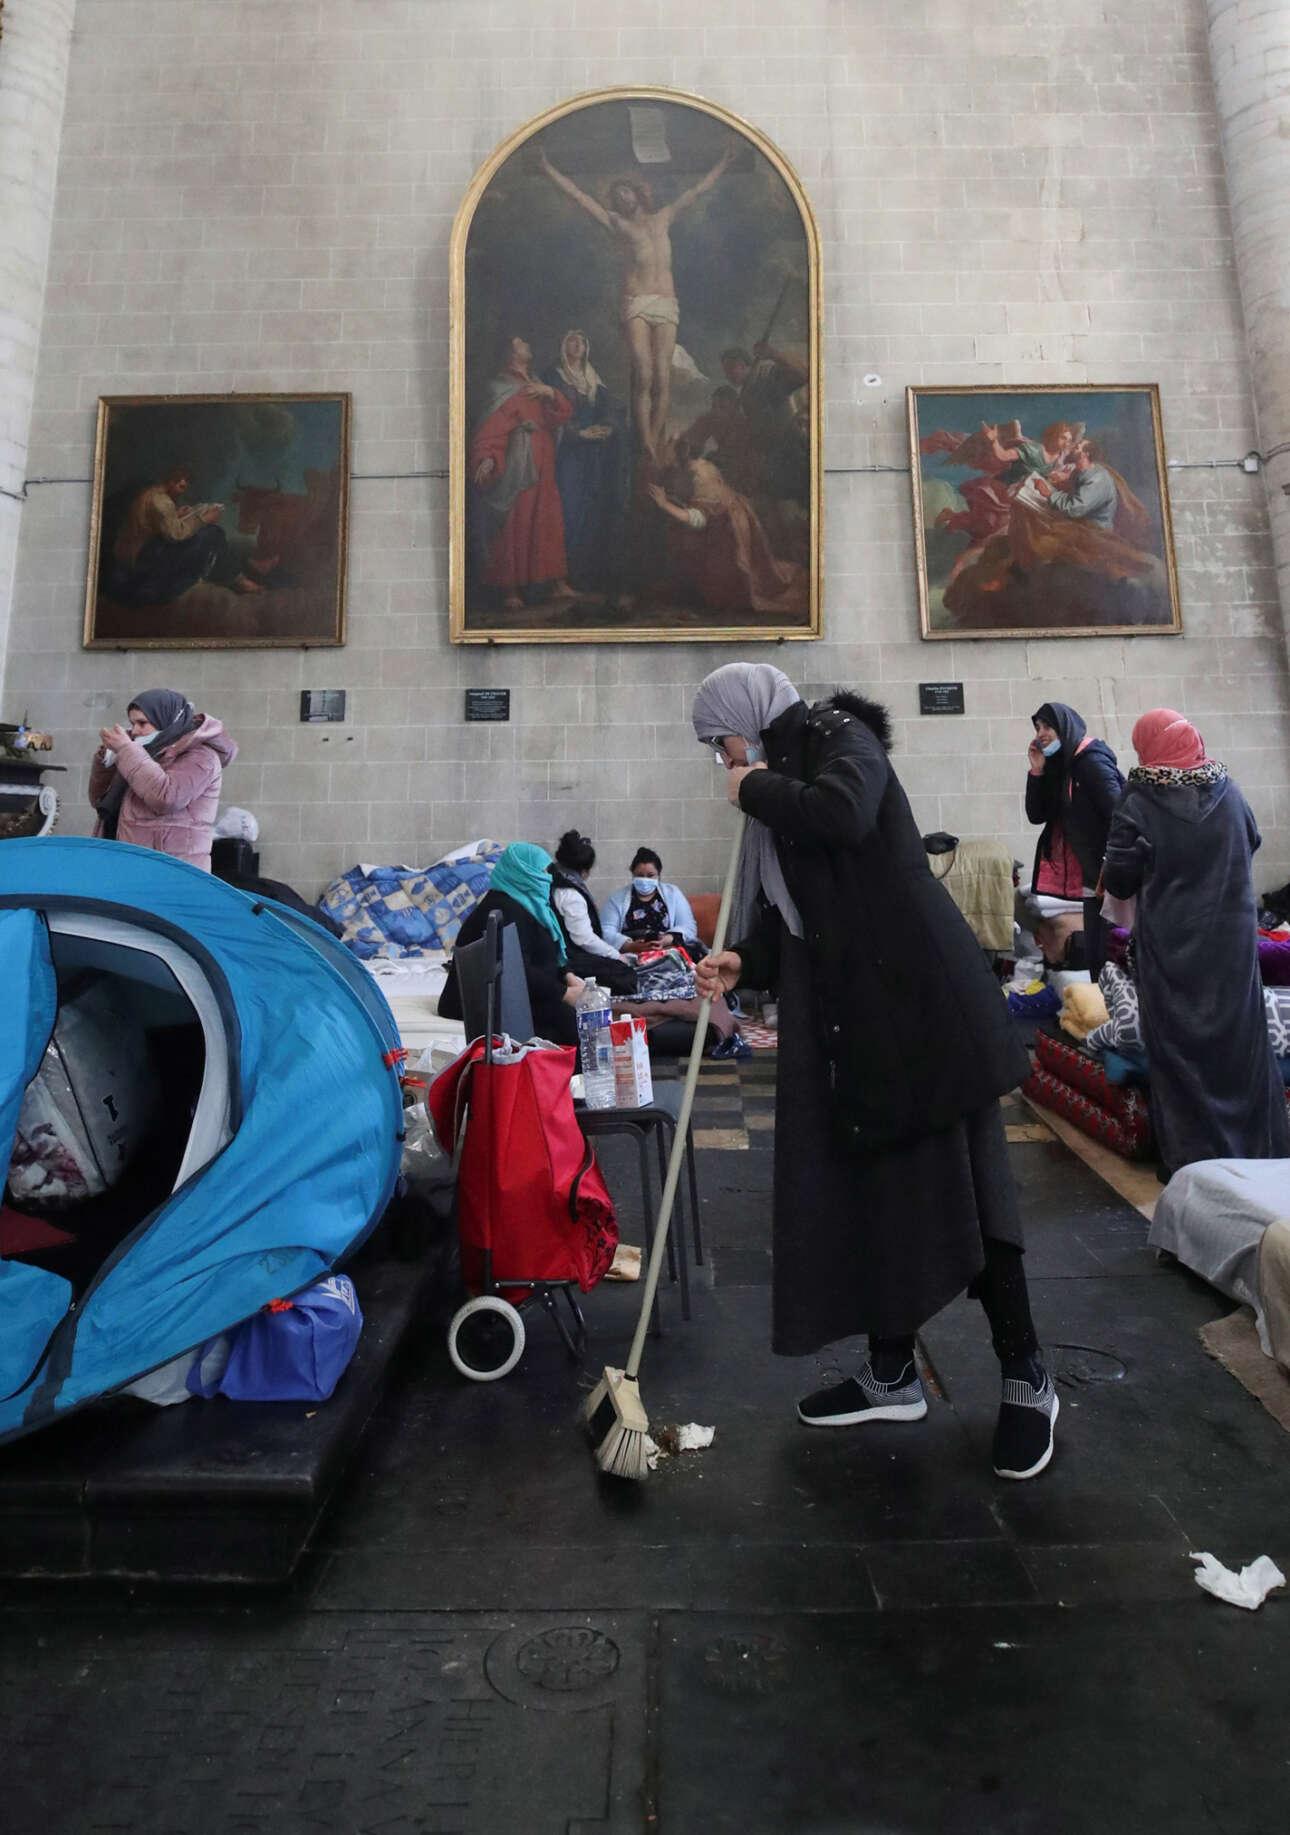 Βρυξέλλες. Η εκκλησία έγινε προσωρινό κατάλυμα παράνομων μεταναστών. Οι μουσουλμάνες σκουπίζουν και θυμούνται ότι κάποτε είχαν και αυτές ένα δικό τους σπίτι